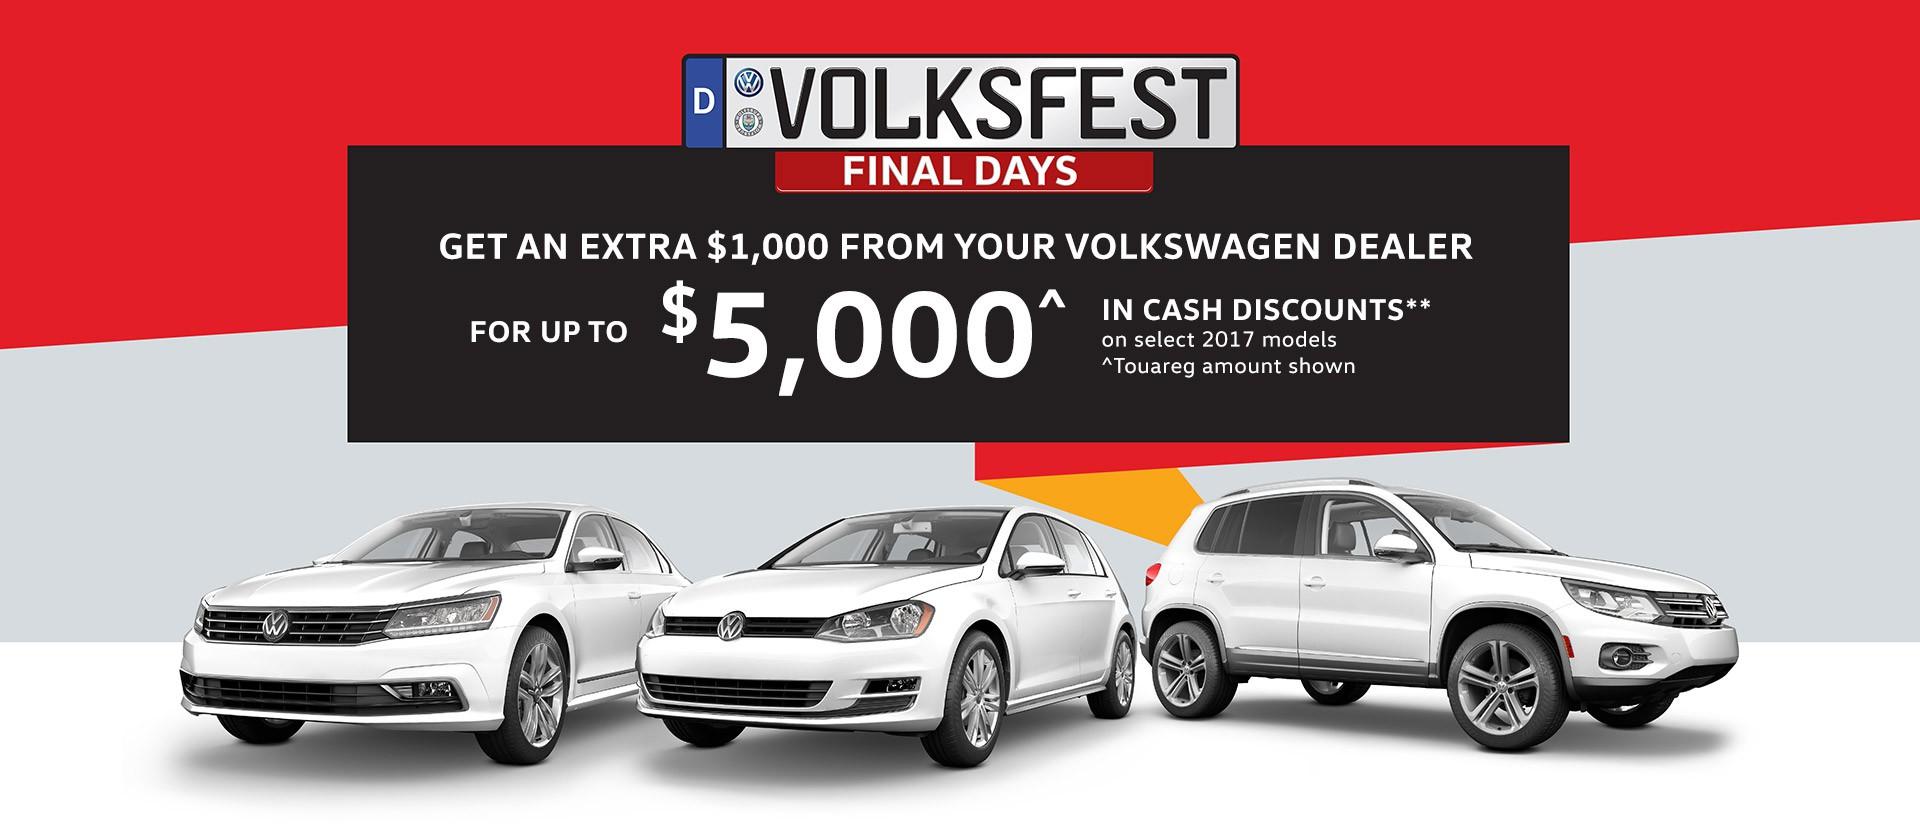 Volksfest_final_days_1920x824